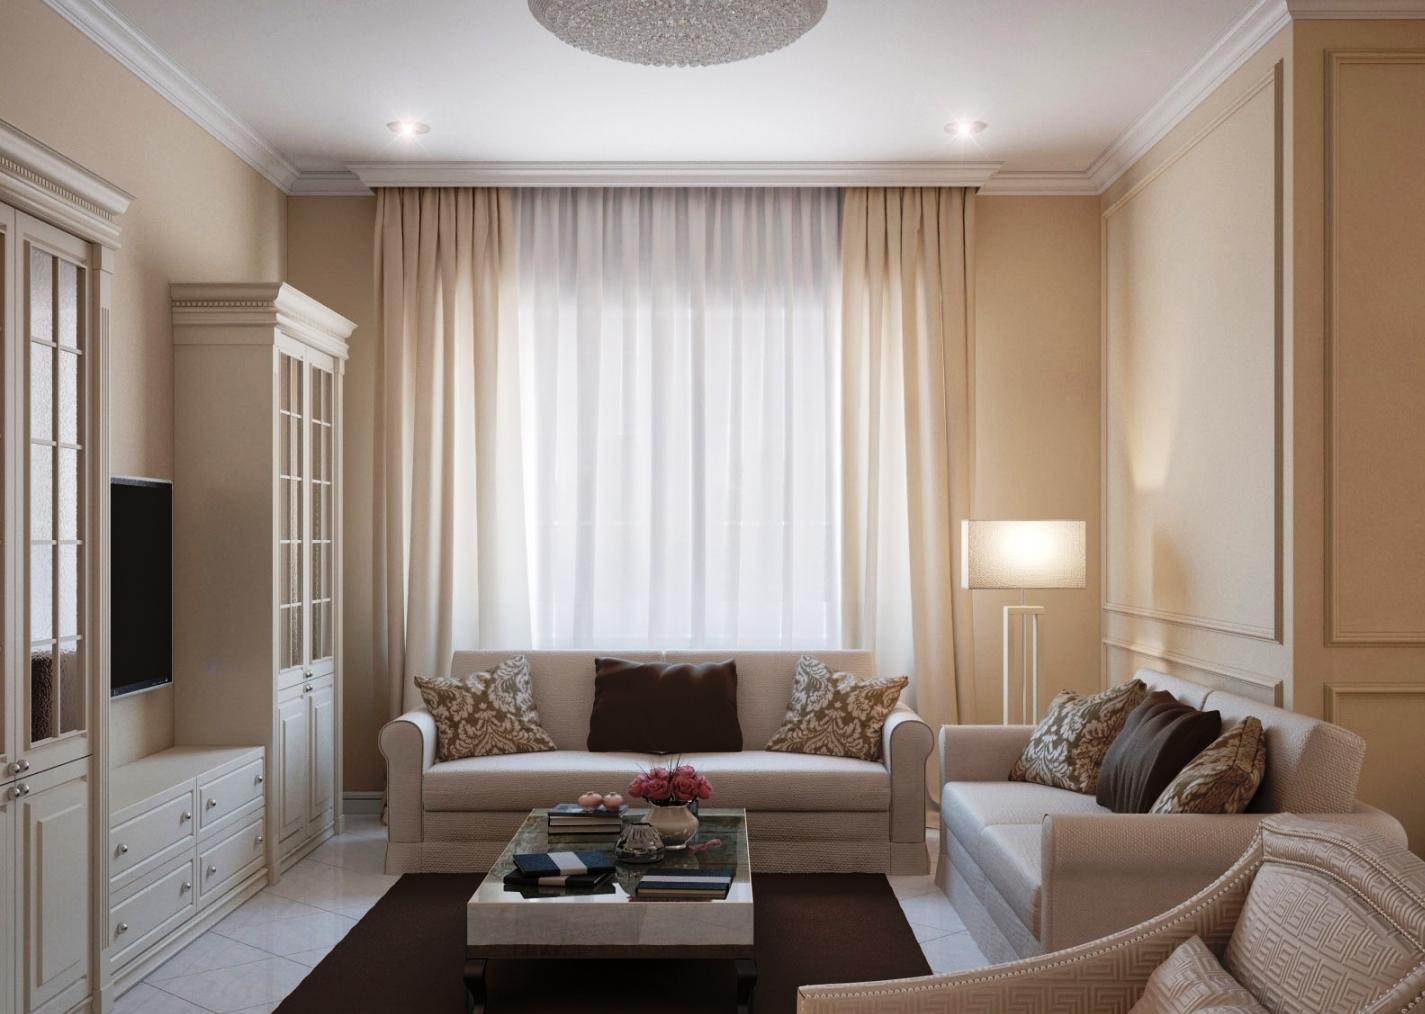 Бежевый, шоколадный и белый цвета в интерьере гостиной